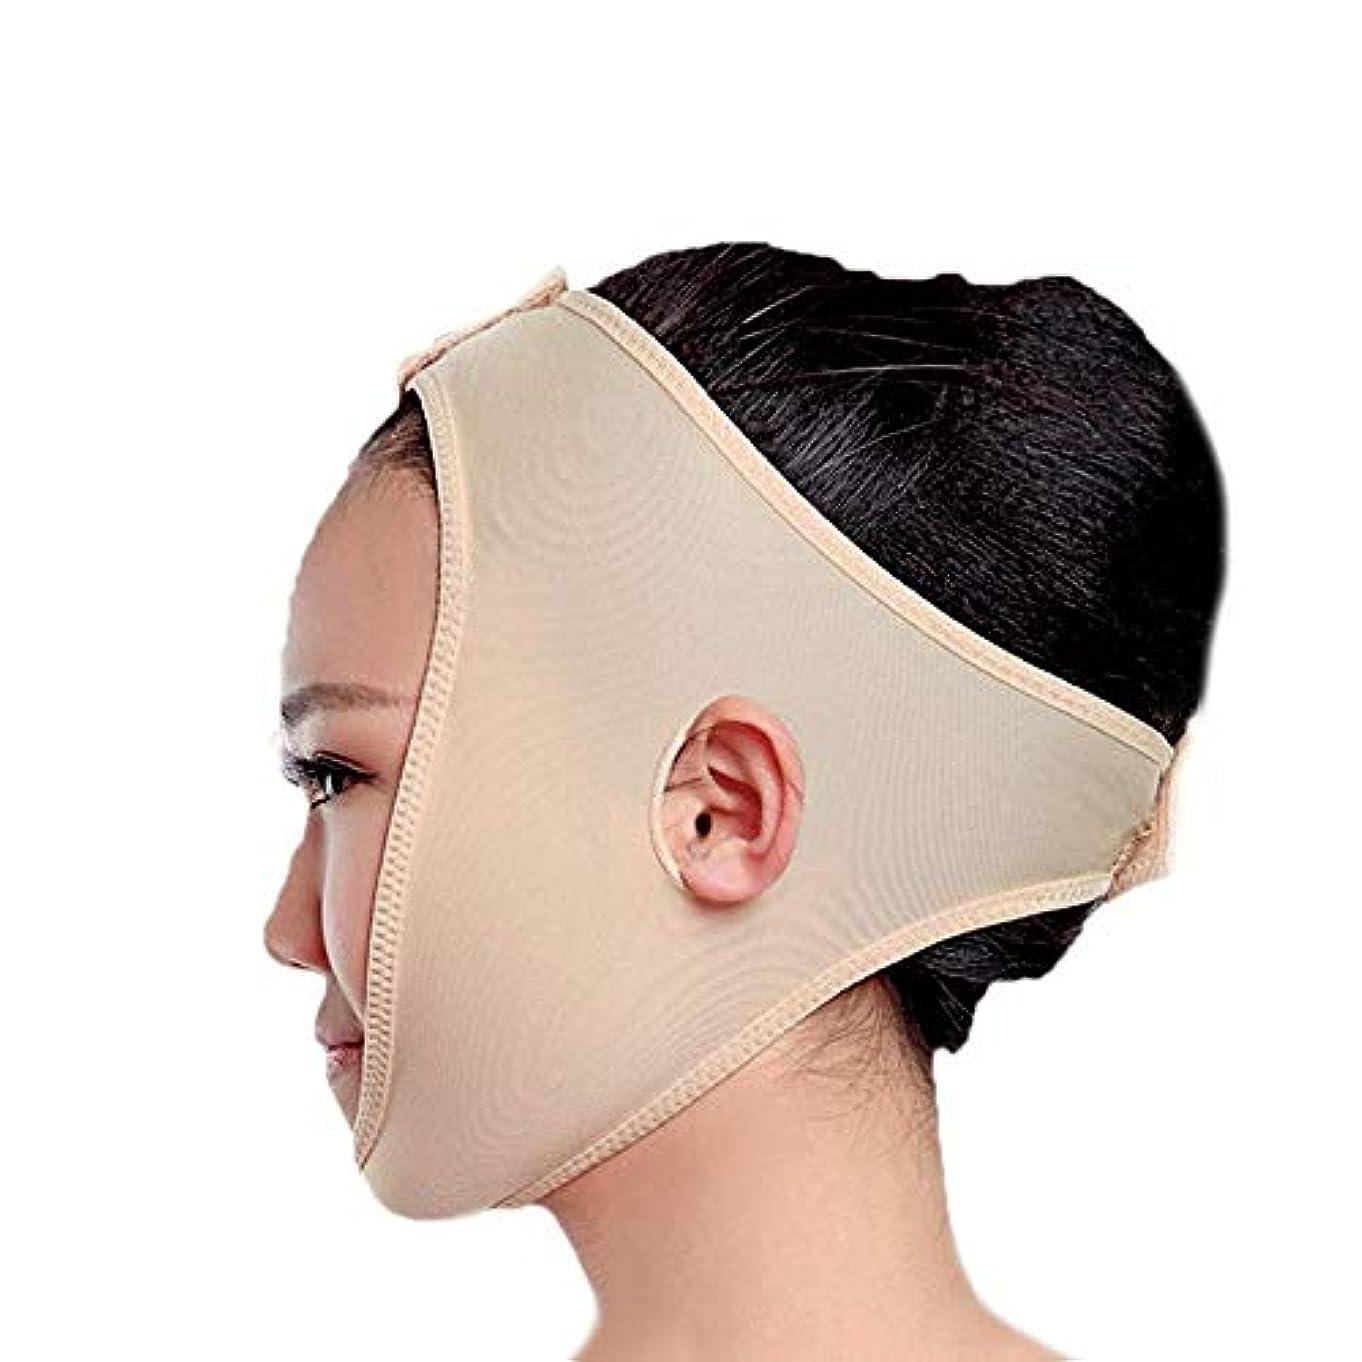 カラス例外厚いフェイススリミングマスク、快適さと通気性、フェイシャルリフティング、輪郭の改善された硬さ、ファーミングとリフティングフェイス(カラー:ブラック、サイズ:XL),黄色がかったピンク2、XXL